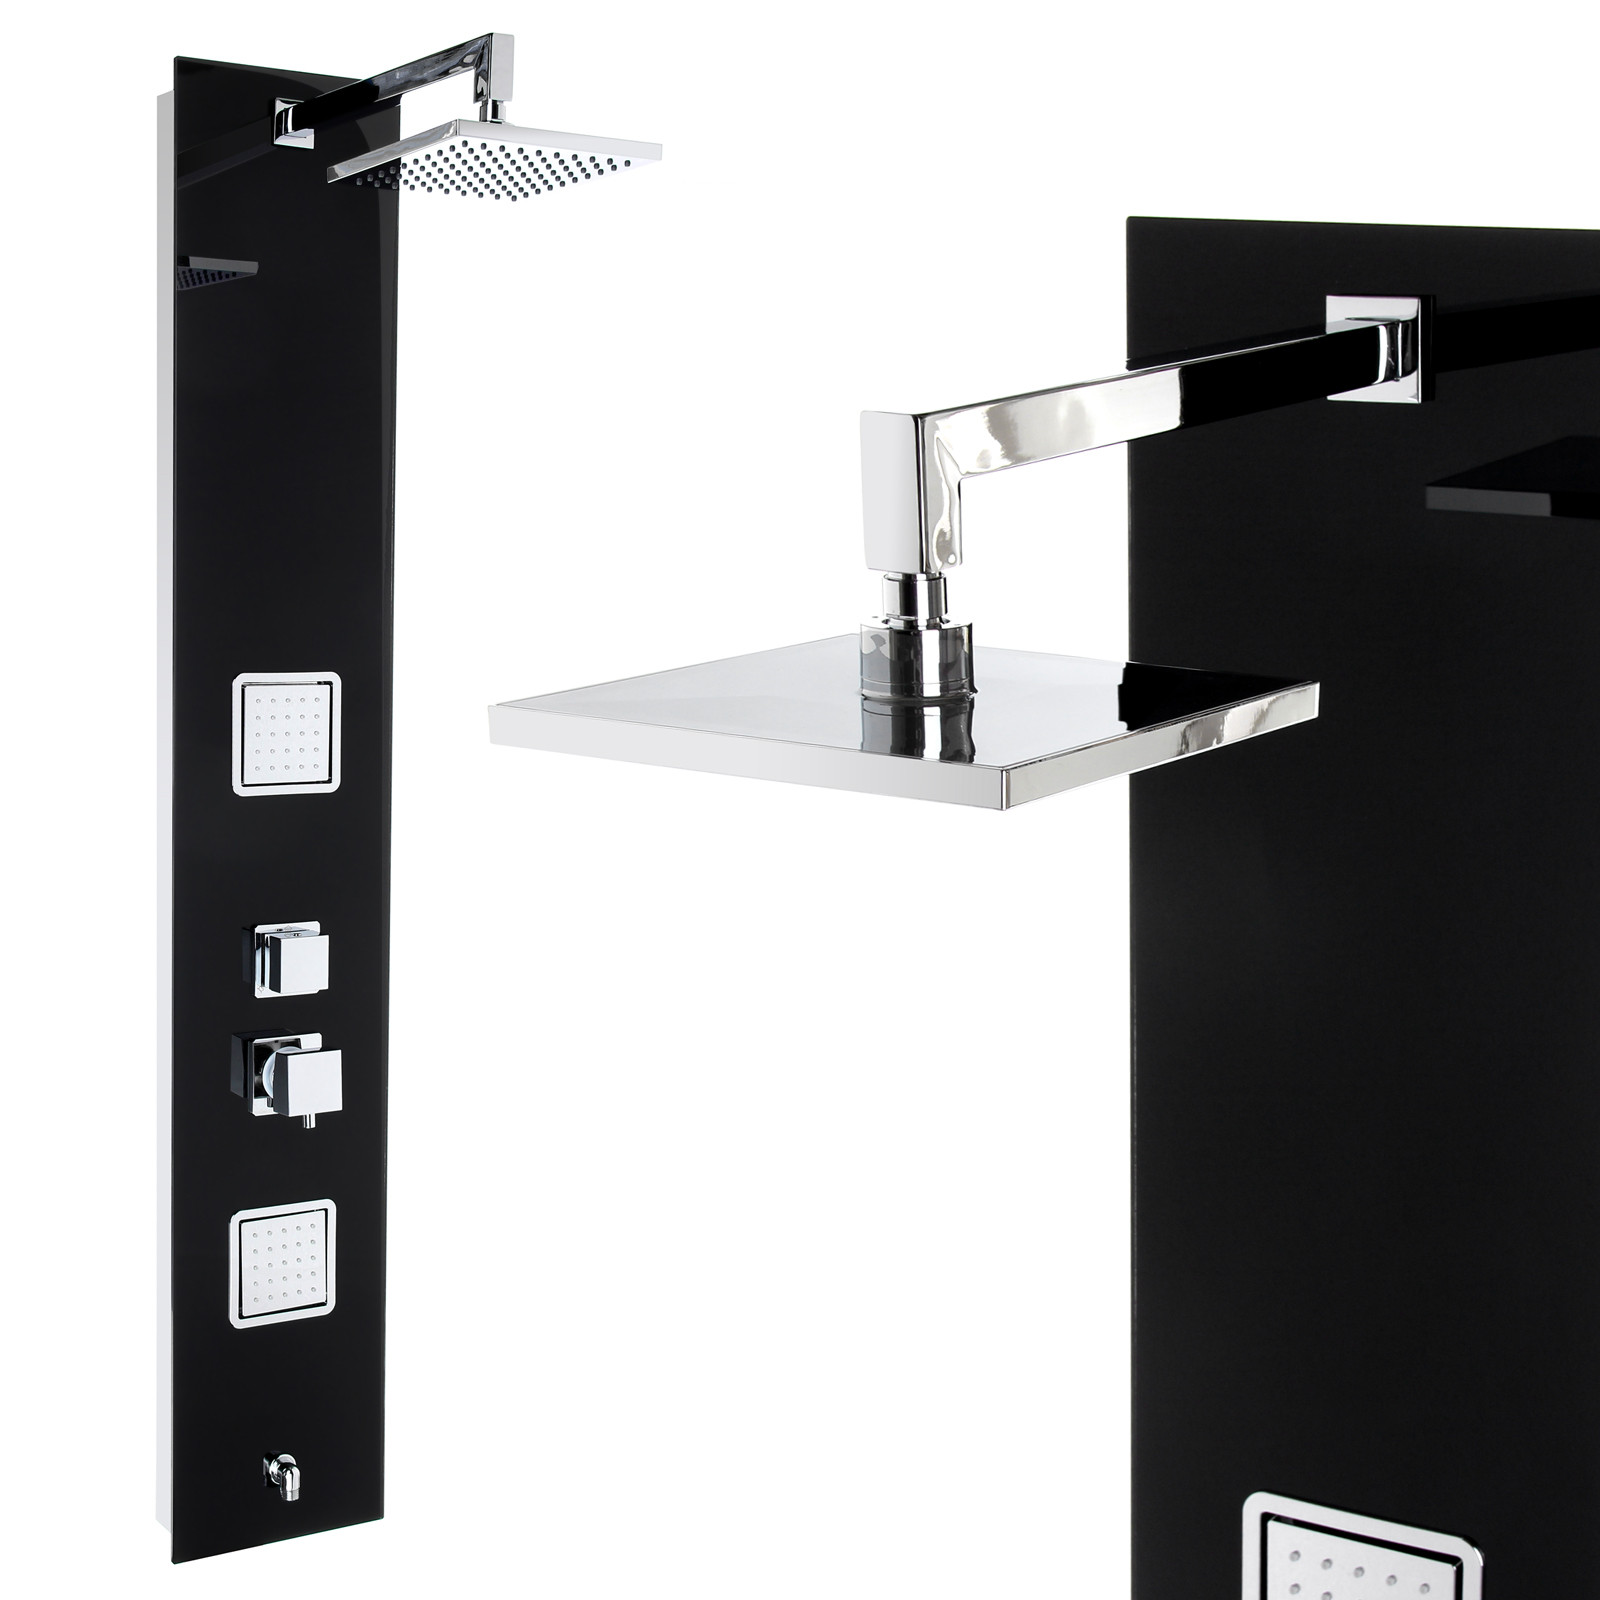 duschpaneel glas mit vielen funktionen steinkirch german quality sanit r duschpaneele. Black Bedroom Furniture Sets. Home Design Ideas